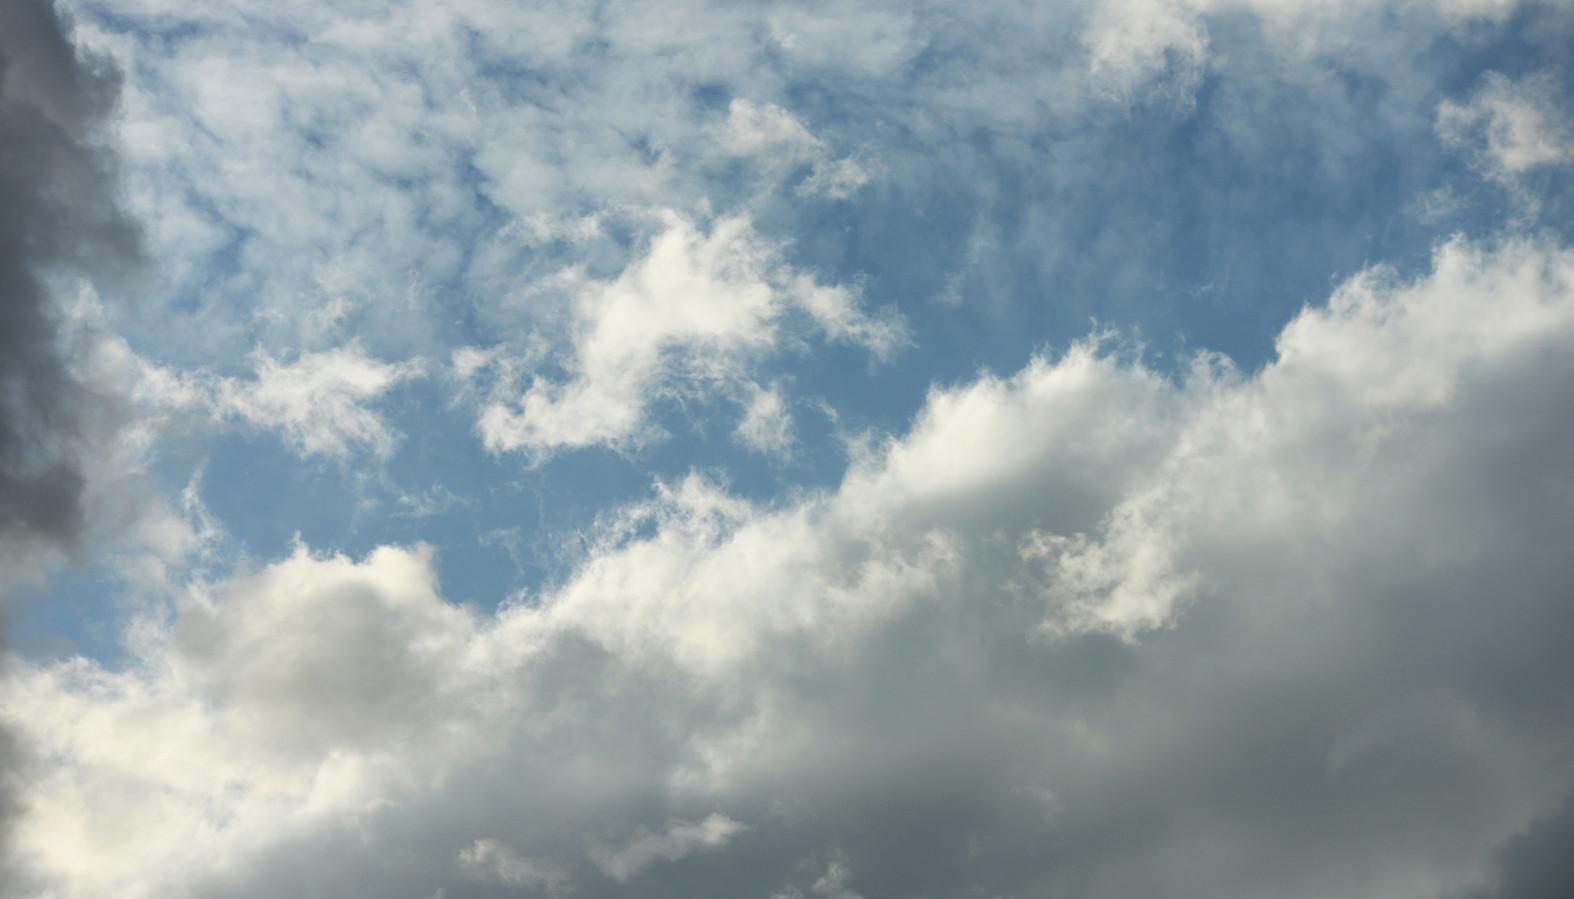 Des averses, une nouvelle fois plus actives et orageuses dans le sud du pays.